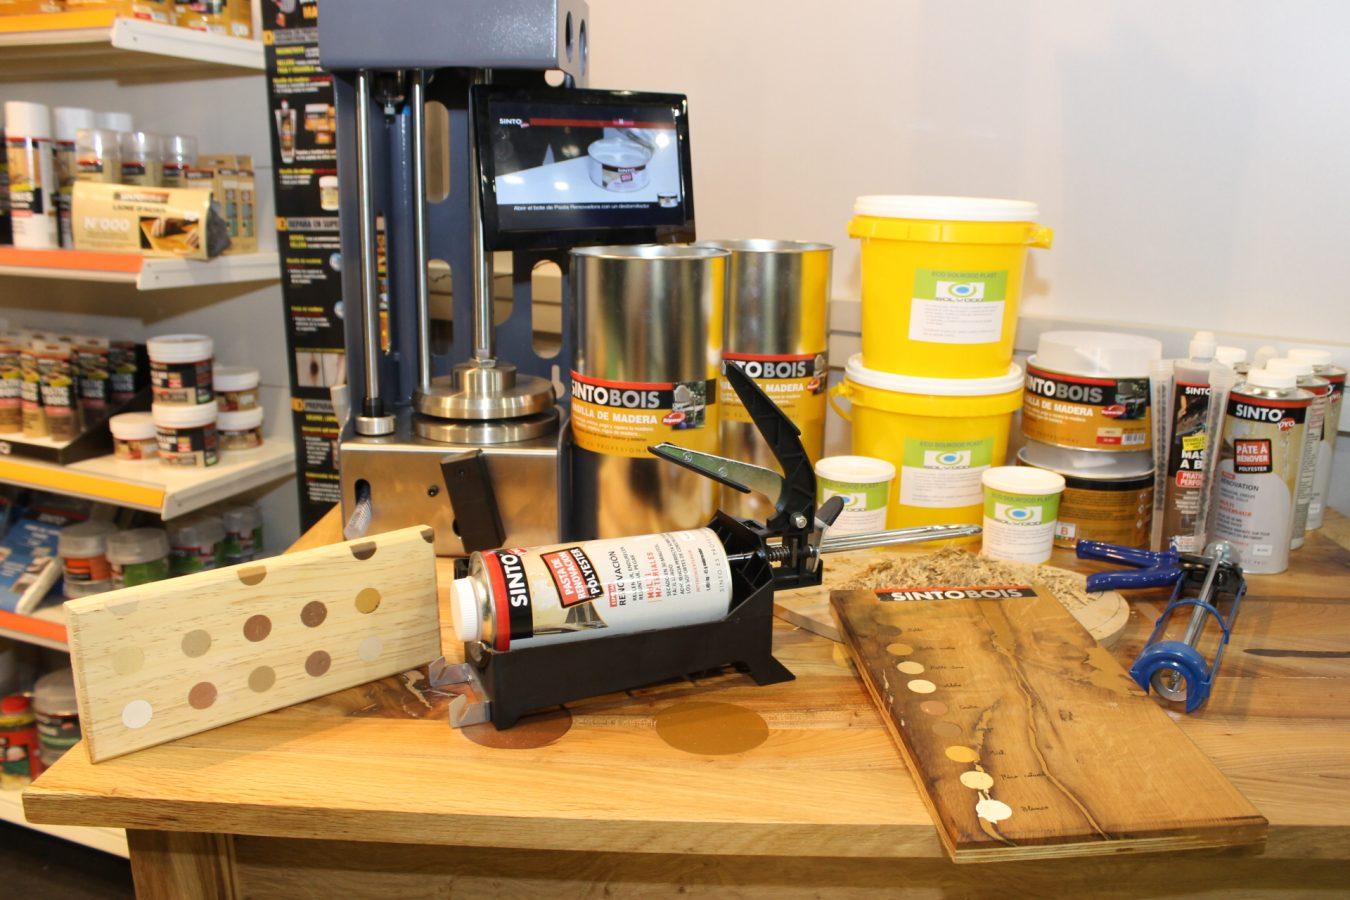 Gama de productos de reparación, específicos para el profesional